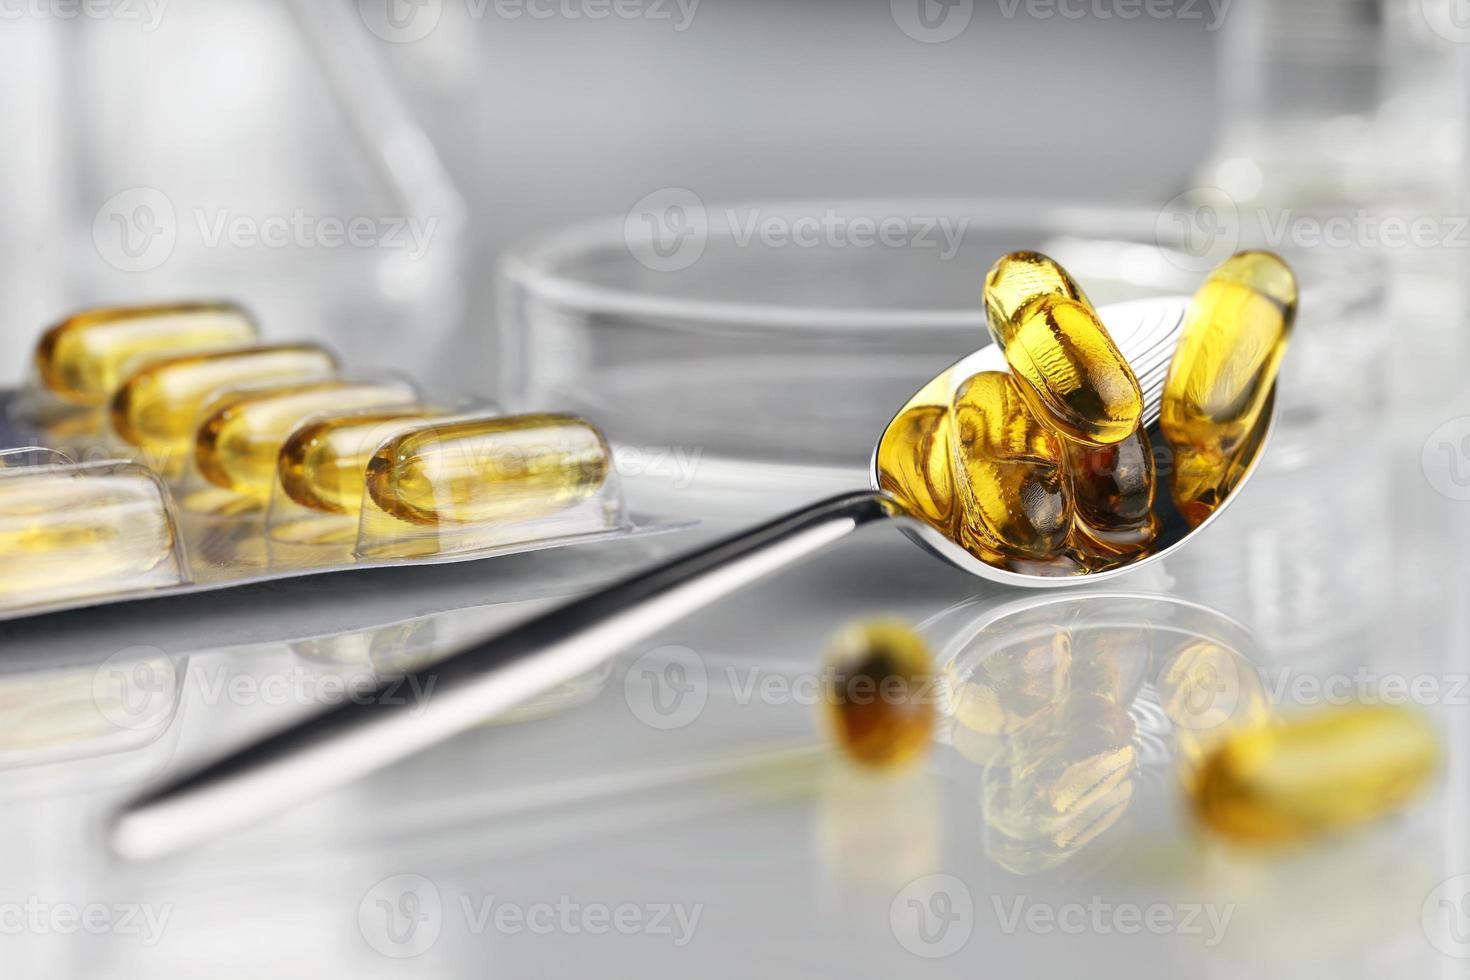 cucchiaio vitamine pillole omega 3 integratori con blister foto